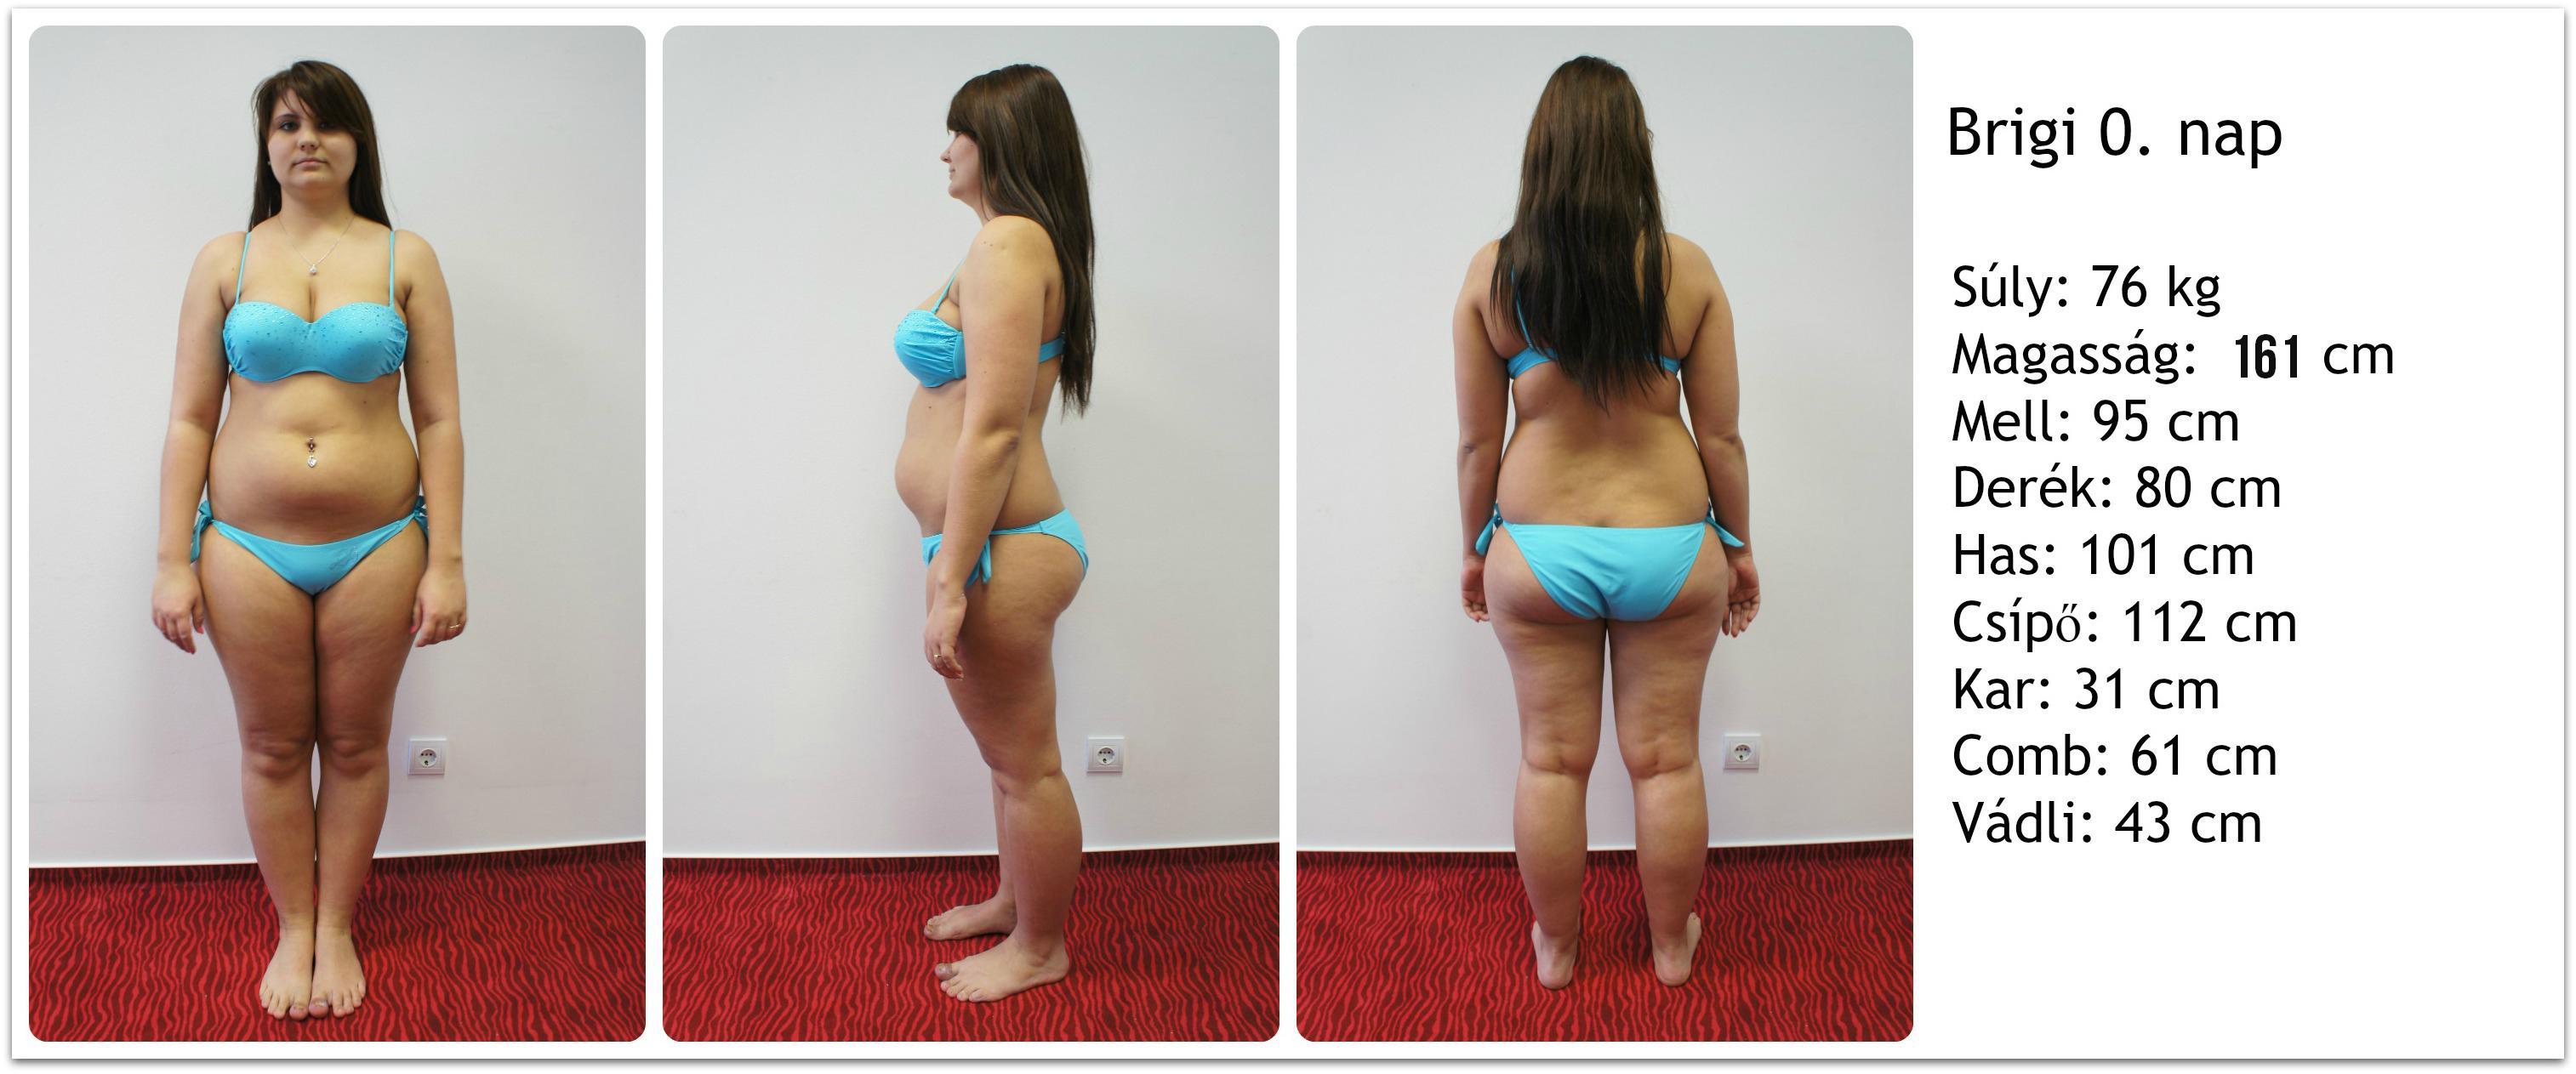 szurok tökéletes kövér amy lefogy maximális zsírveszteség 3 hét alatt